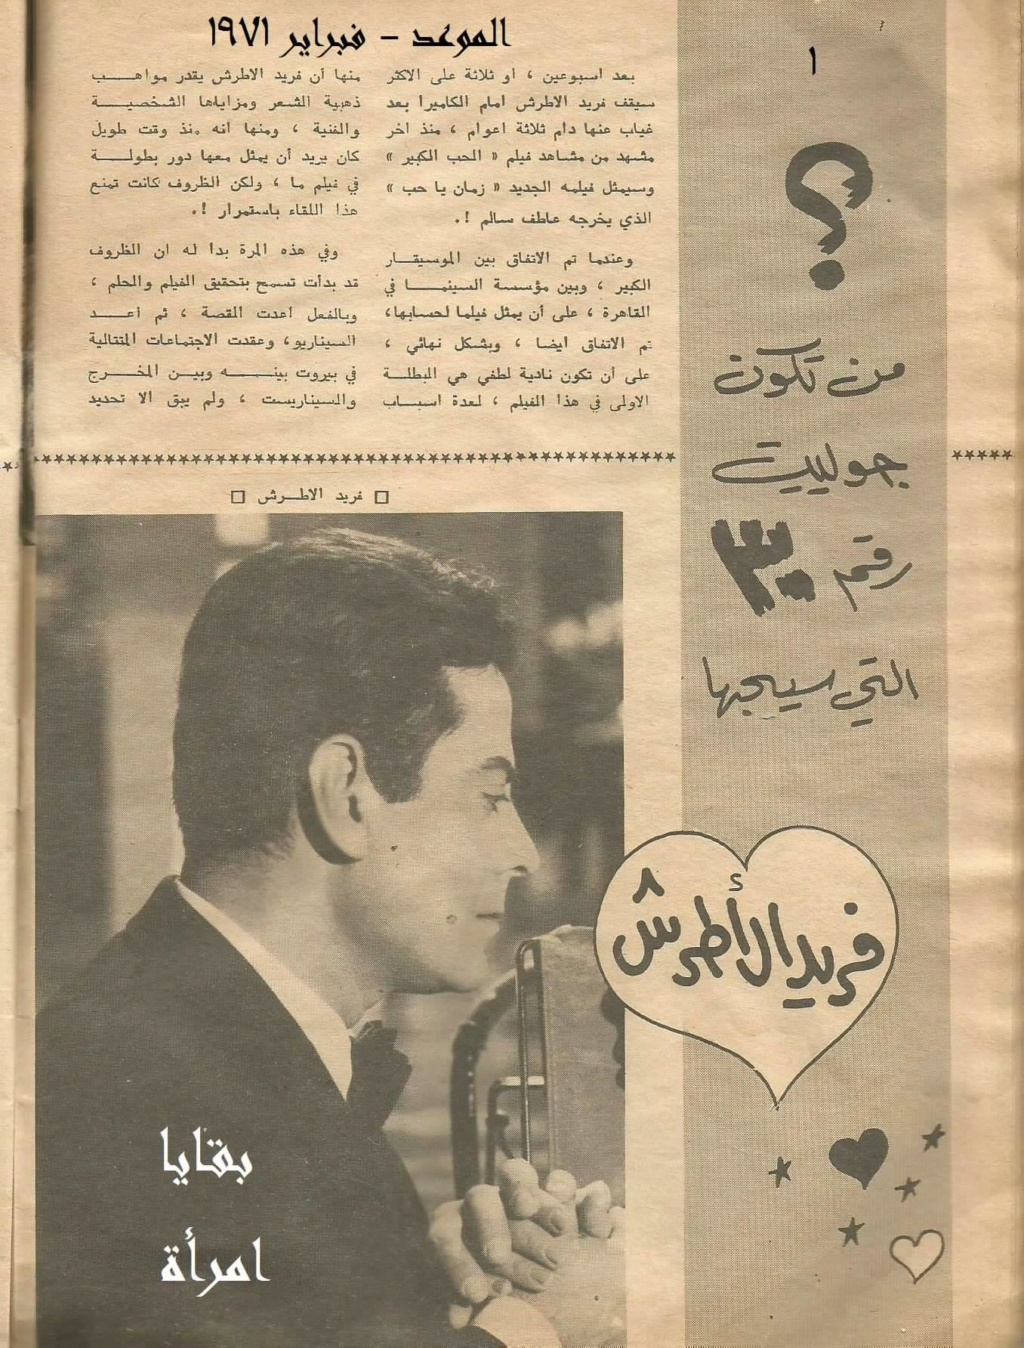 مقال - مقال صحفي : من تكون حولييت رقم 30 التي سيحبها فريد الأطرش ؟ 1971 م 1215